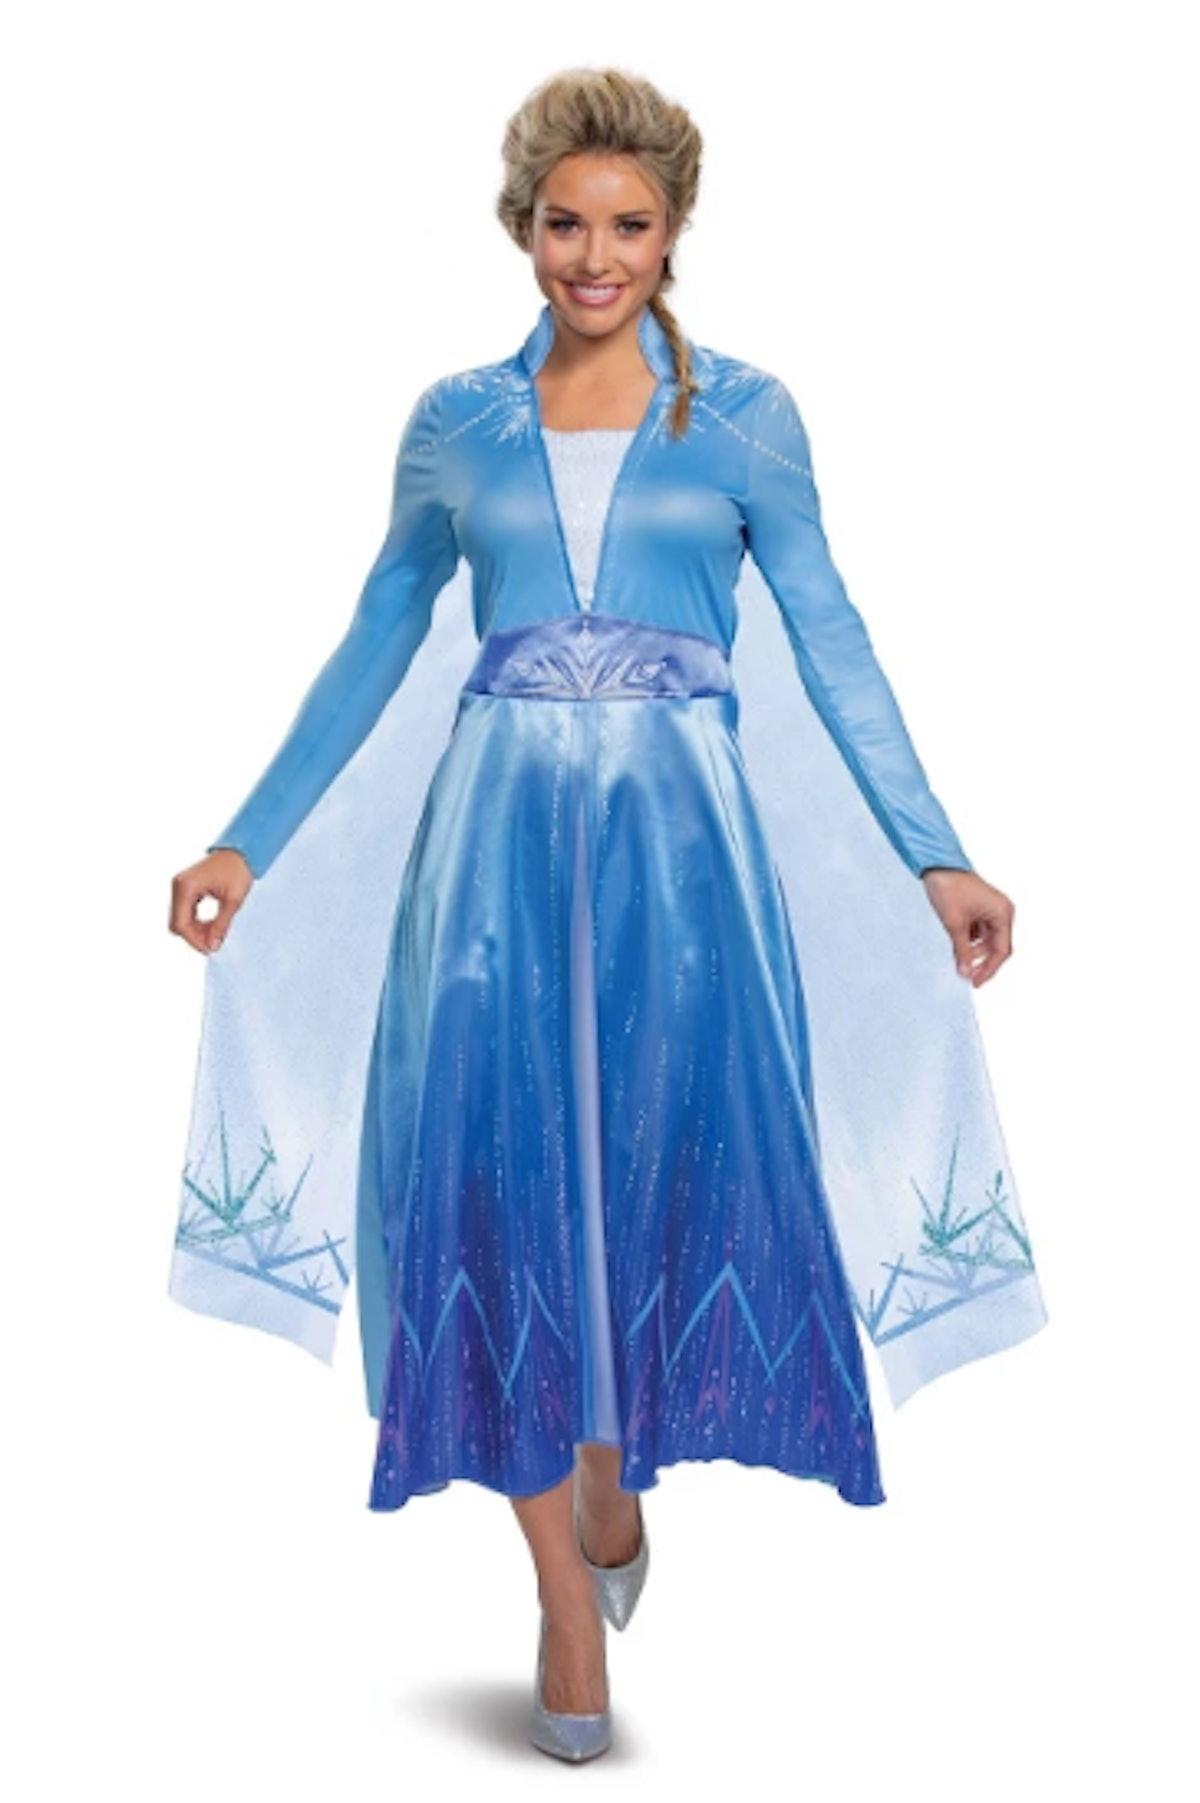 Women's Disney Frozen 2 Elsa Deluxe Halloween Costume